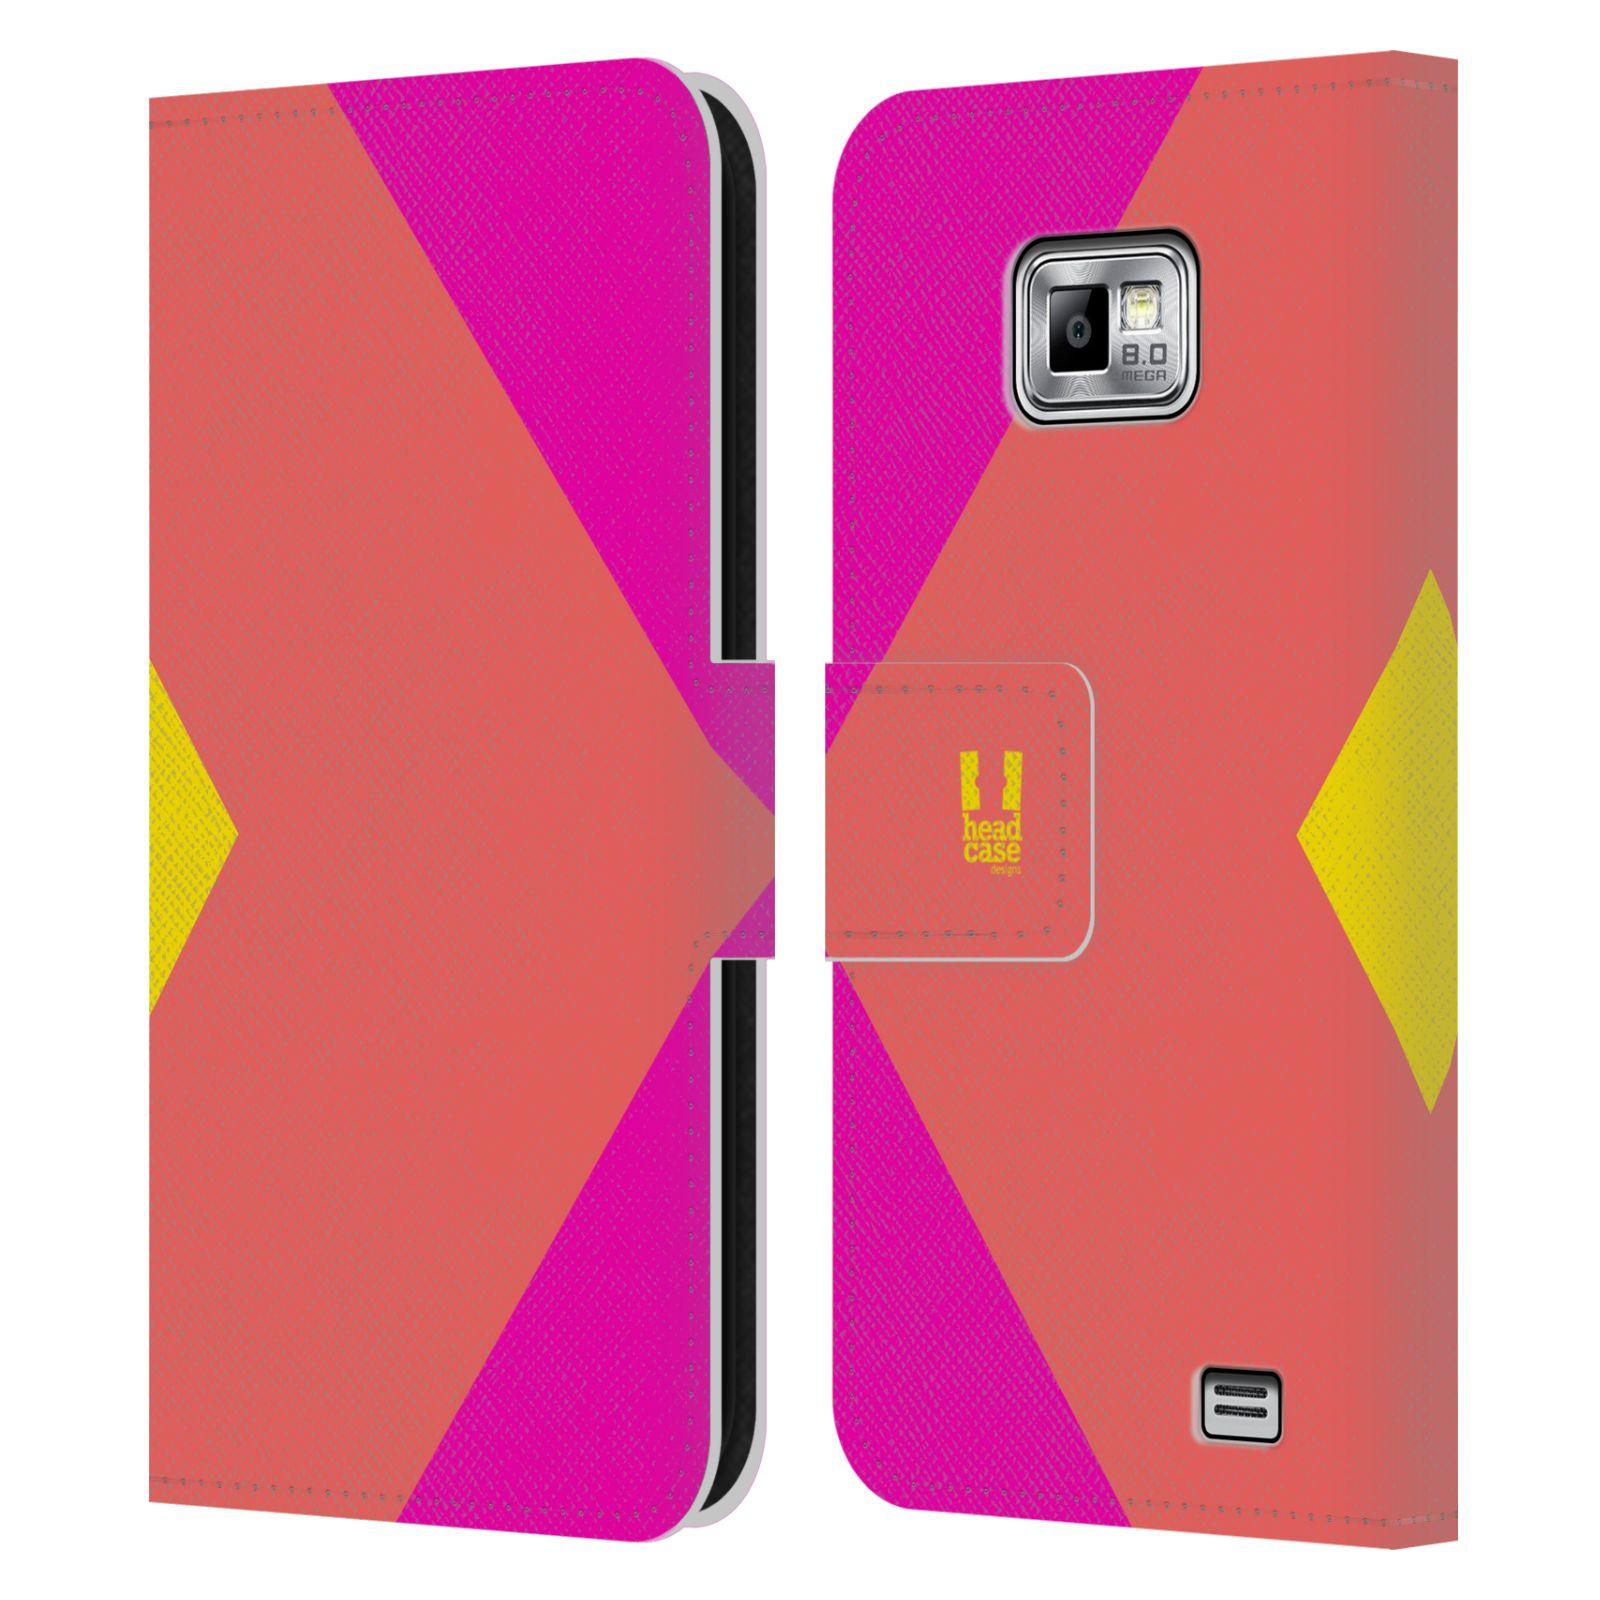 HEAD CASE Flipové pouzdro pro mobil Samsung Galaxy S2 i9100 barevné tvary růžová korál